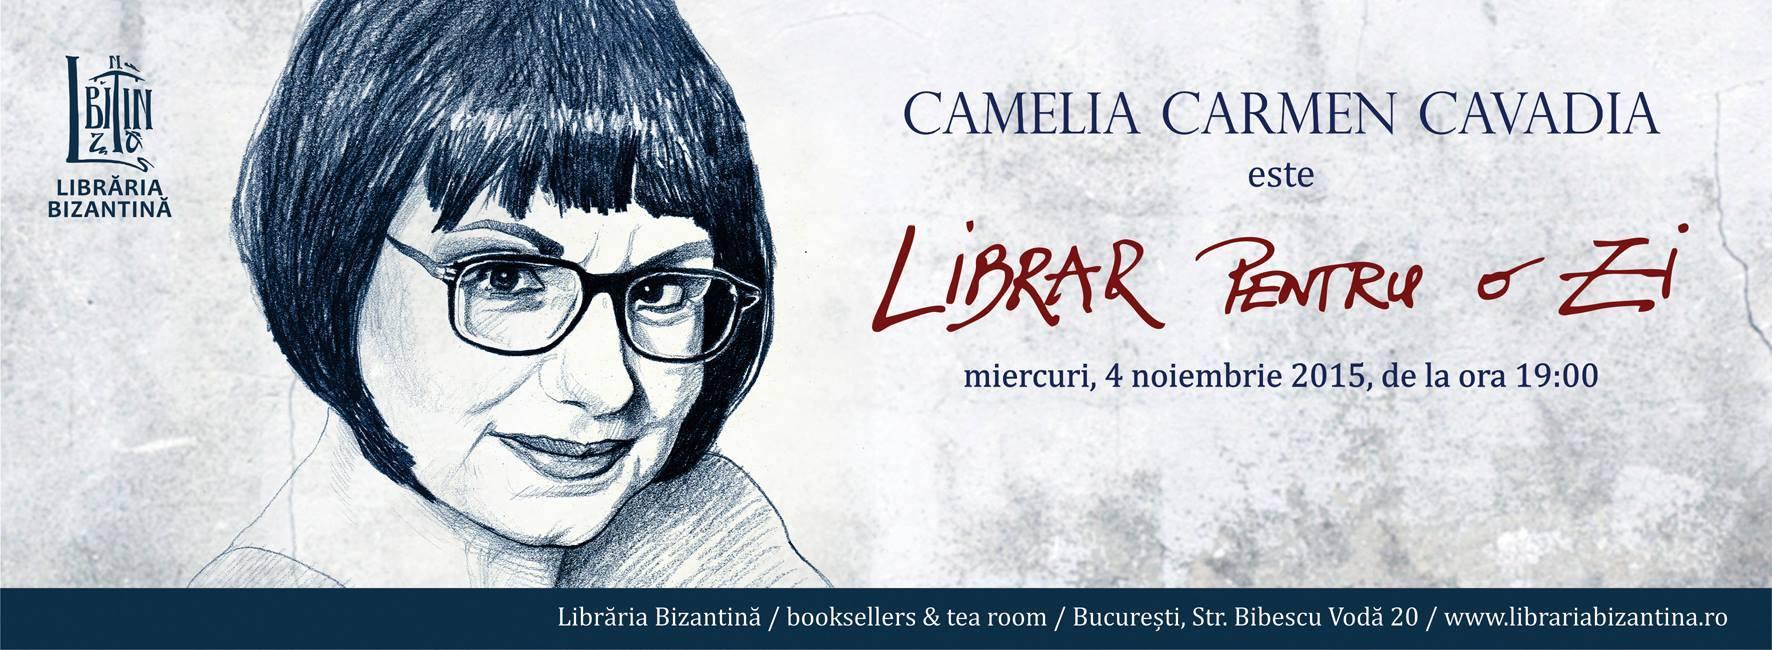 Camelia Carmen Cavadia, librar pentru o zi